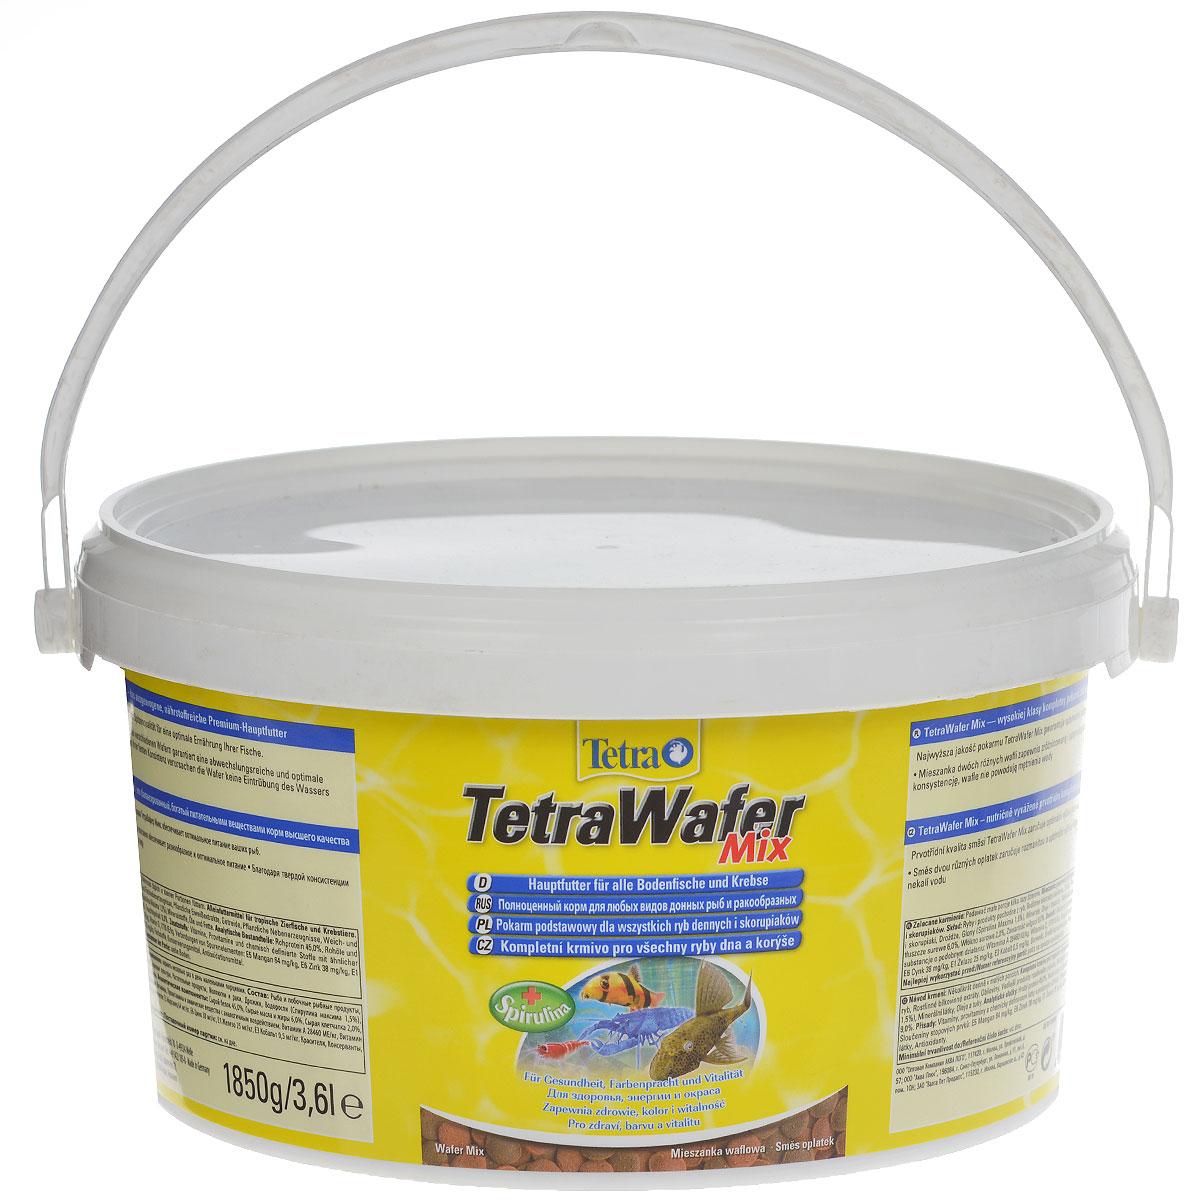 Корм сухой TetraWafer Mix для всех донных рыб и ракообразных, в виде пластинок, 3,6 л193826Корм TetraWafer Mix - это сбалансированный, богатый питательными веществами корм высшего качества. Превосходное качество корма обеспечивает оптимальное питание ваших рыб. Сочетание двух разных пластинок обеспечивает разнообразие и оптимальное питание. Благодаря твердой консистенции пластинки не загрязняют воду. Рекомендации по кормлению: кормить несколько раз в день маленькими порциями. Характеристики: Состав: рыба и побочные рыбные продукты, зерновые культуры, экстракты растительного белка, растительные продукты, дрожжи, моллюски и раки, масла и жиры, водоросли (спирулина максима 1,5%), минеральные вещества. Пищевая ценность: сырой белок - 45%, сырые масла и жиры - 6%, сырая клетчатка - 2%, влага - 9%. Добавки: витамины, провитамины и химические вещества с аналогичным воздействием, витамин А 28460 МЕ/кг, витамин Д3 1770 МЕ/кг. Комбинации элементов: Е5 Марганец 64 мг/кг, Е6 Цинк 38 мг/кг, Е1 Железо 25 мг/кг, Е3 Кобальт...